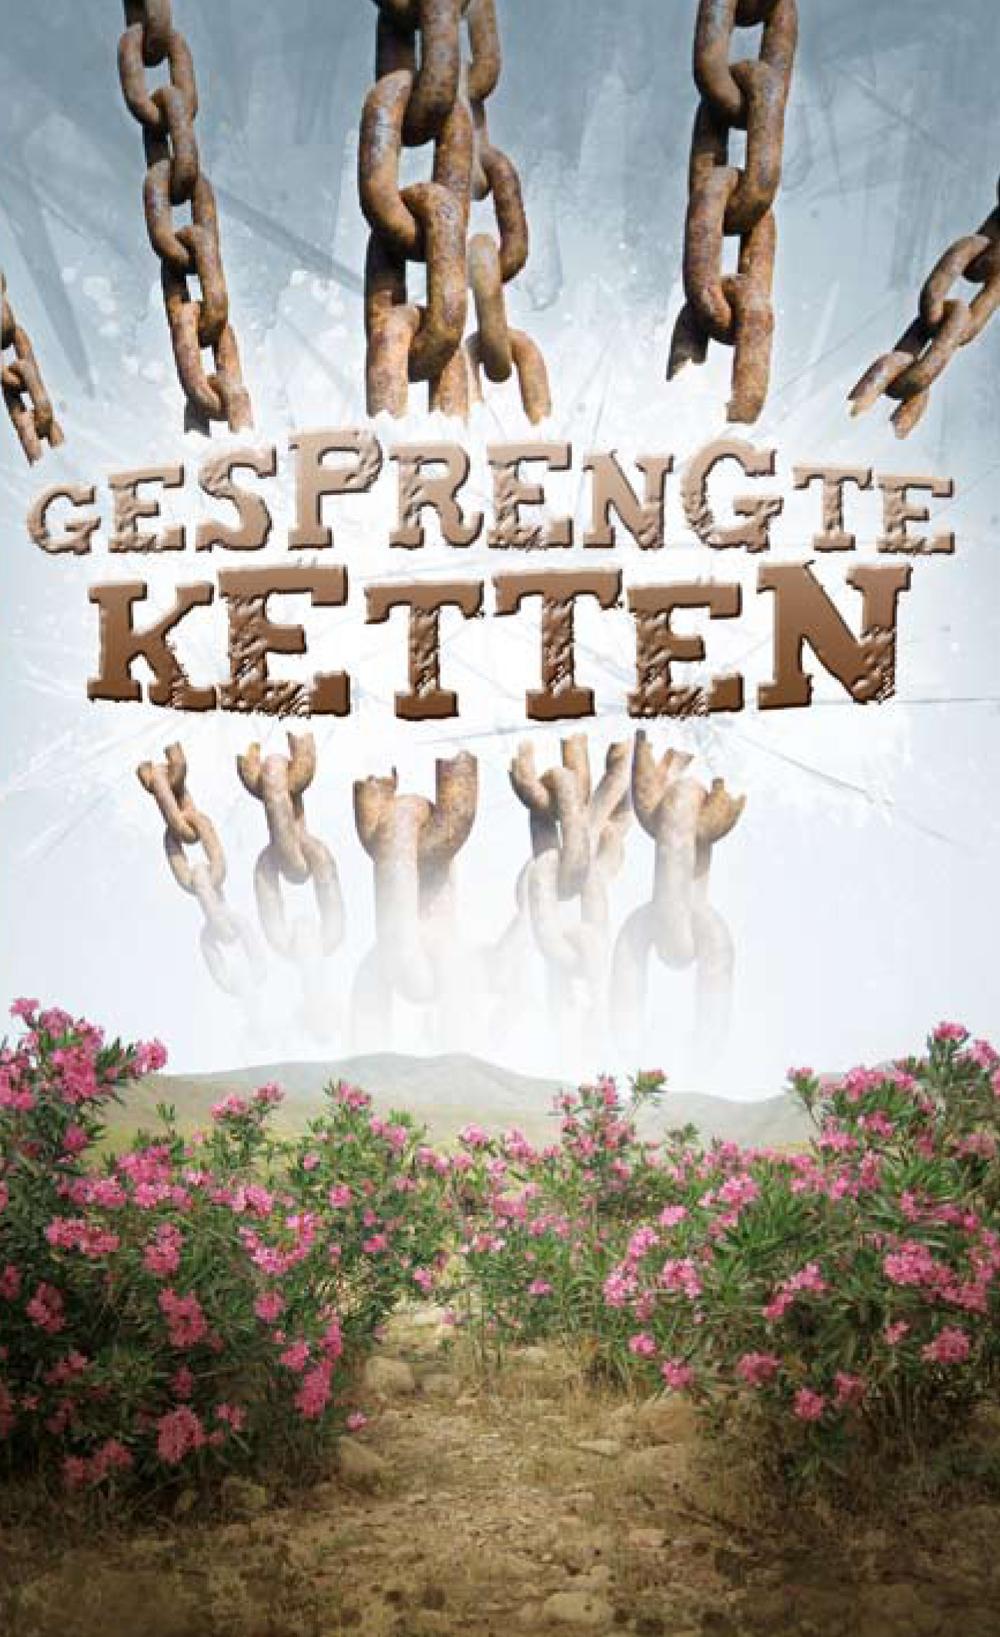 CLV_gesprengte-ketten_256132_1